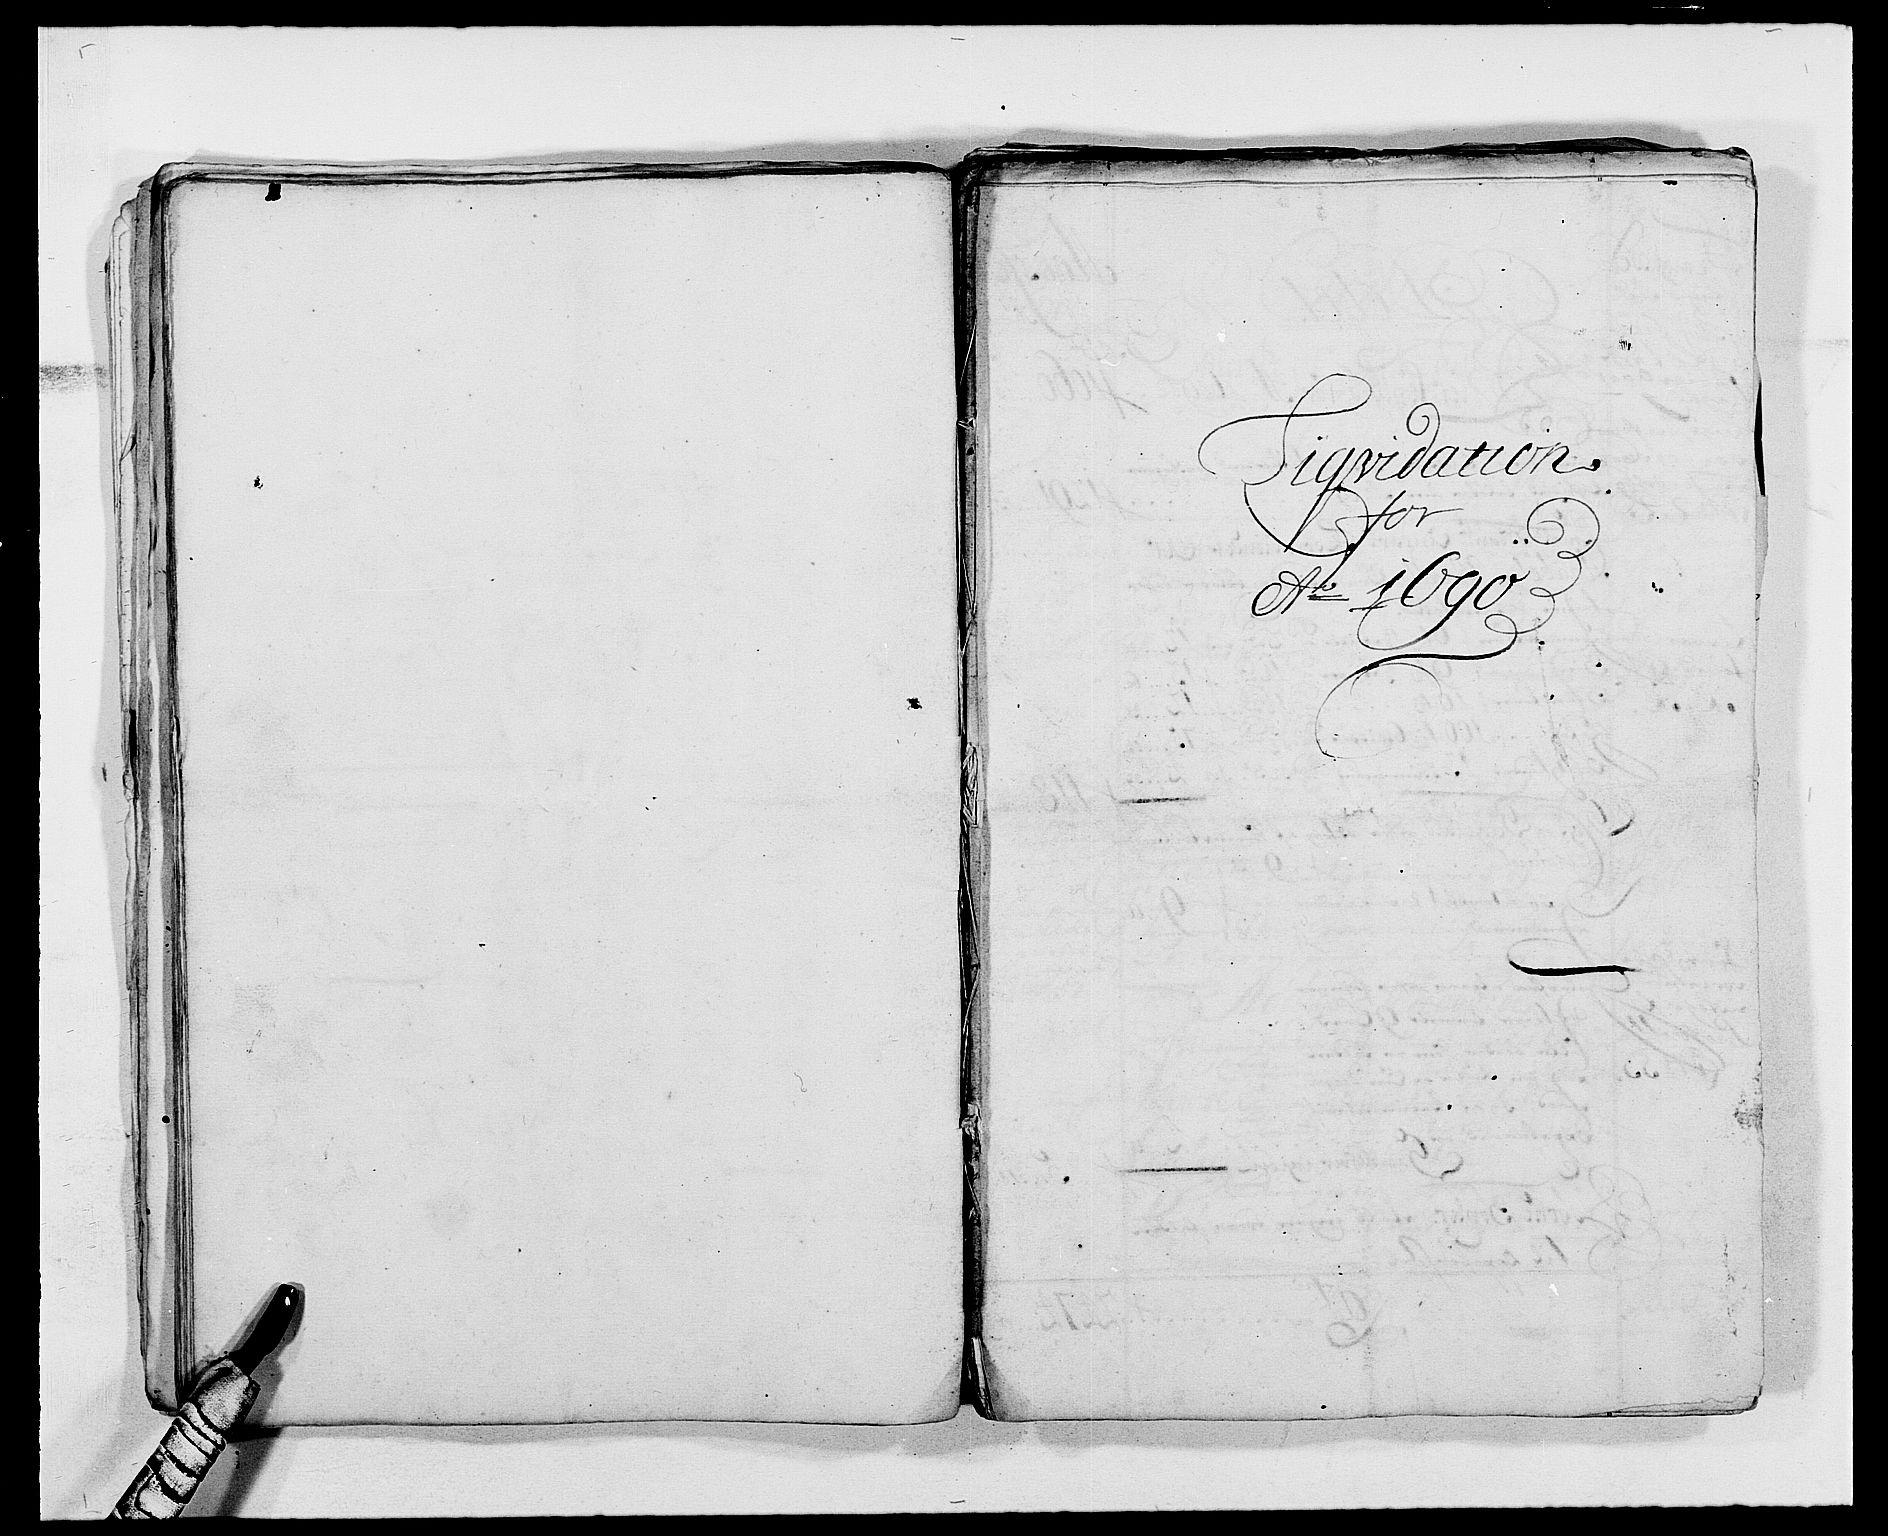 RA, Rentekammeret inntil 1814, Reviderte regnskaper, Fogderegnskap, R02/L0107: Fogderegnskap Moss og Verne kloster, 1685-1691, s. 41